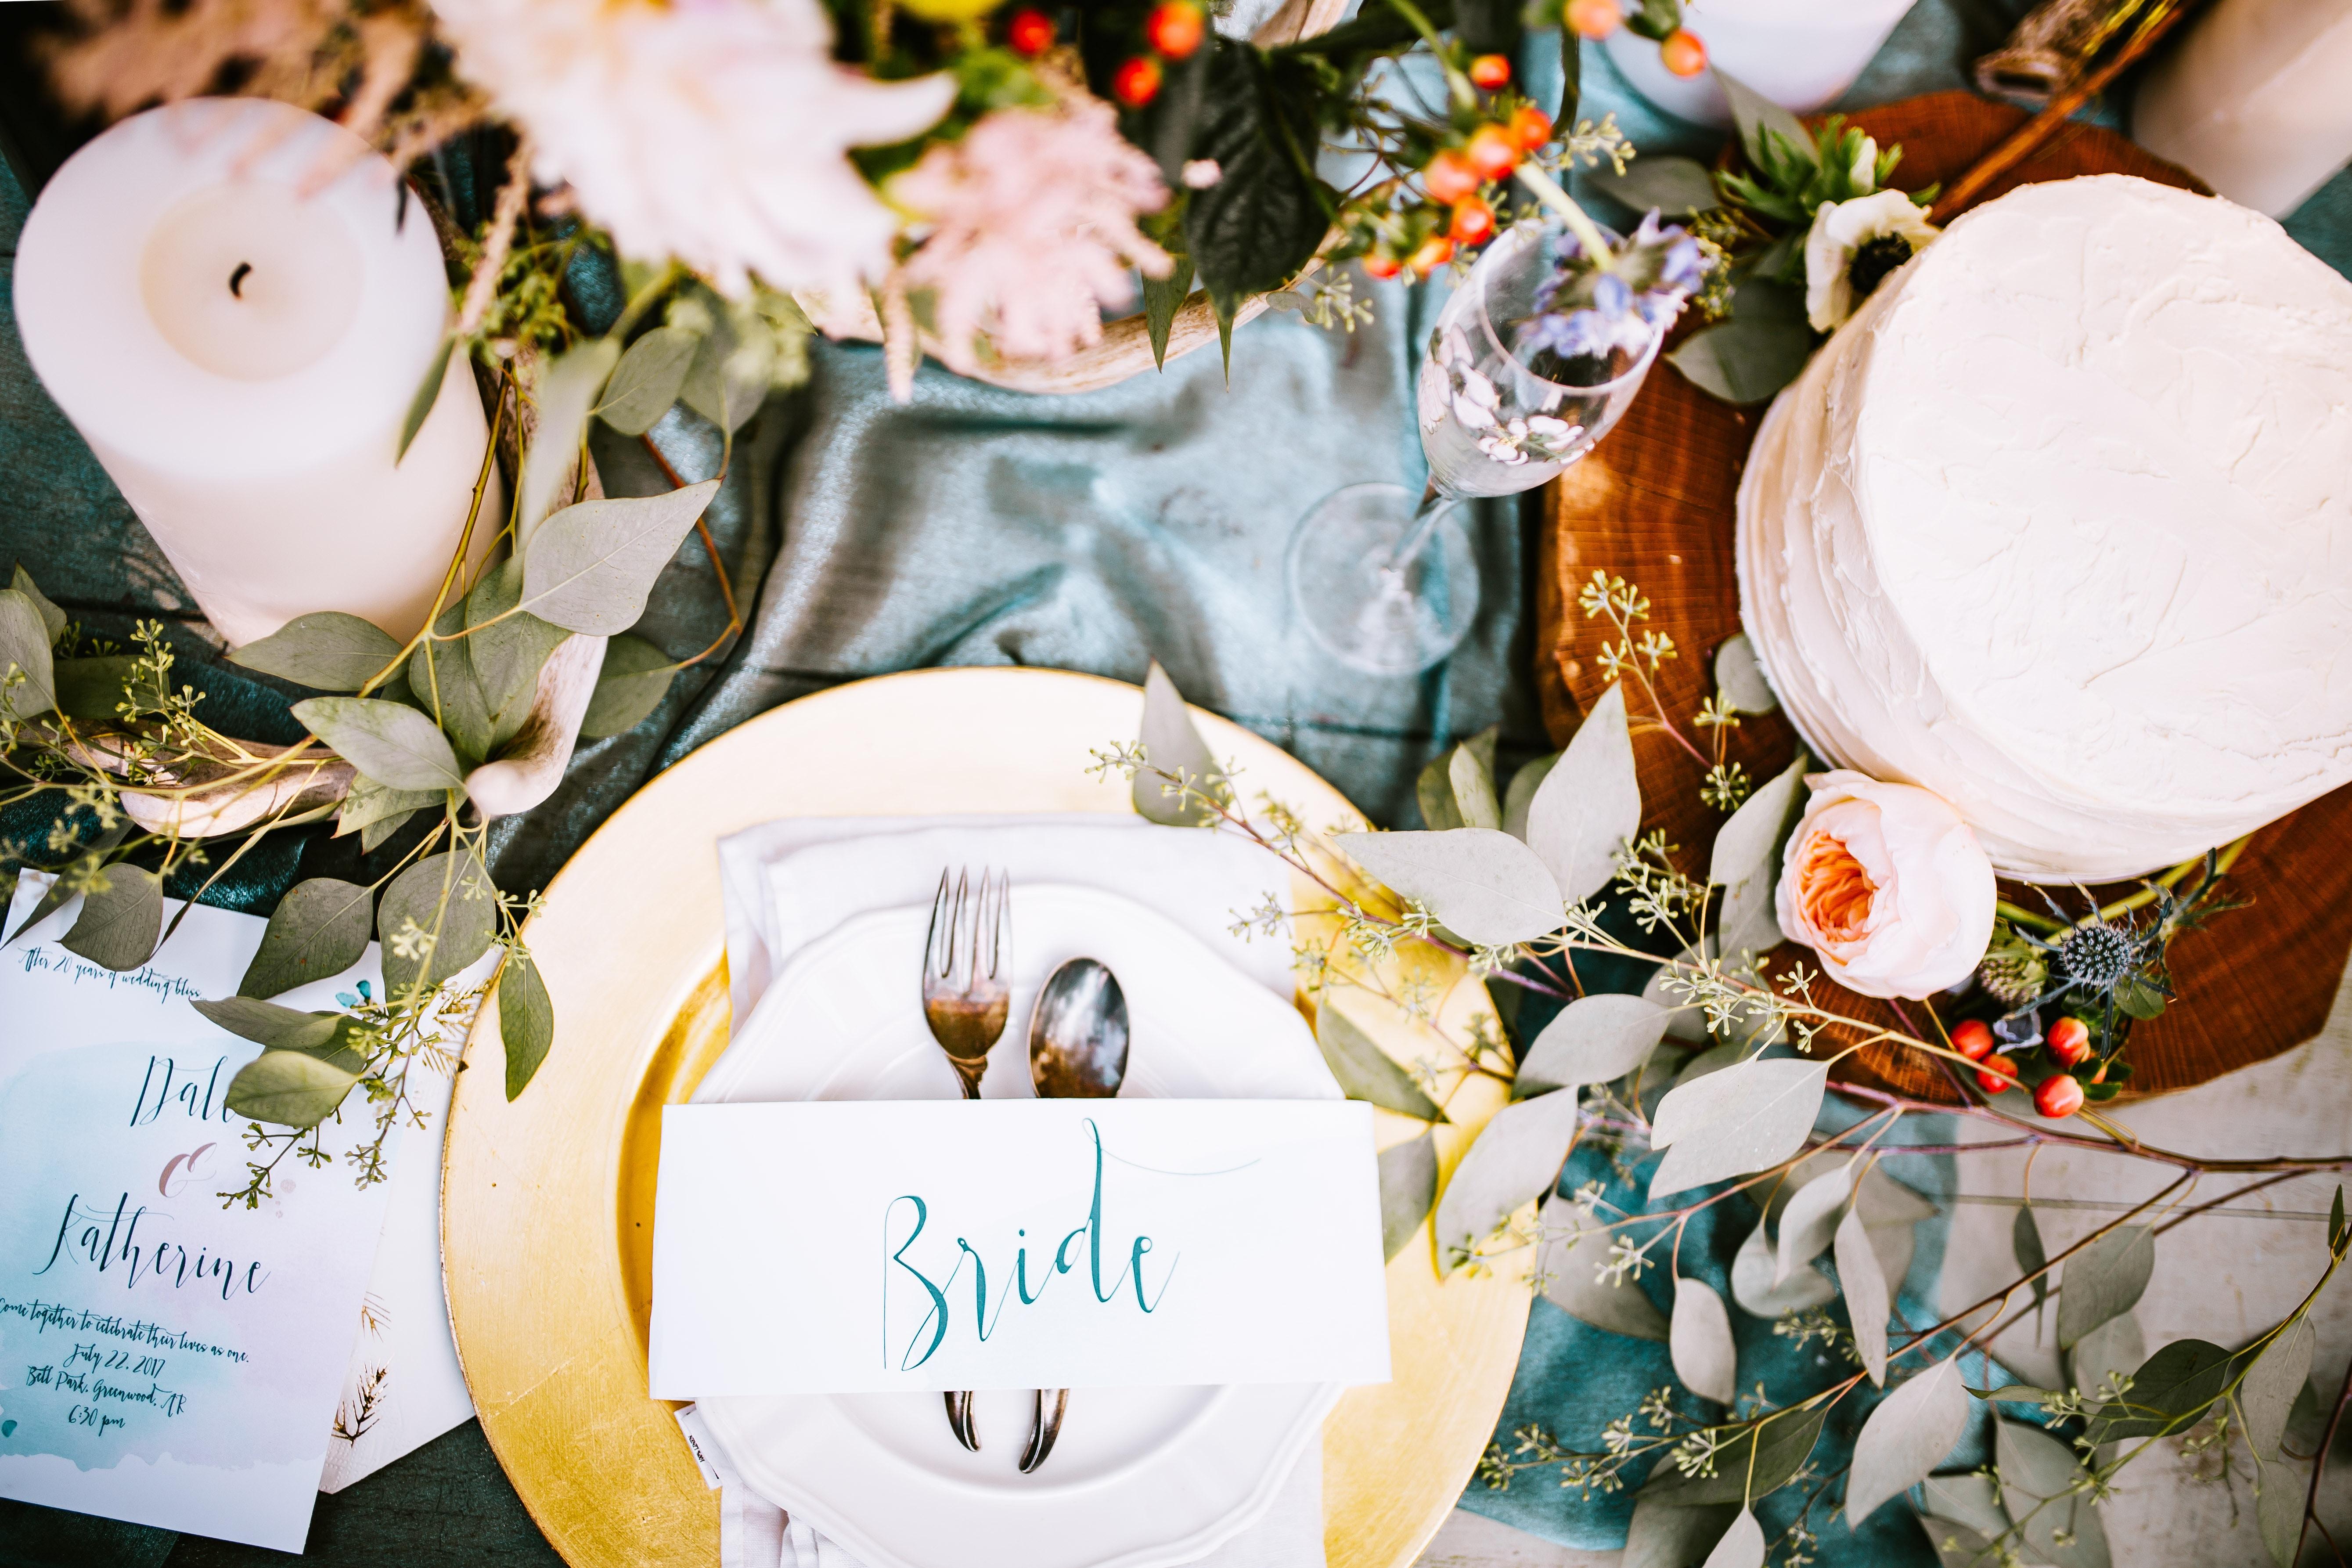 bride-set-up-annie-gray-376049-unsplash